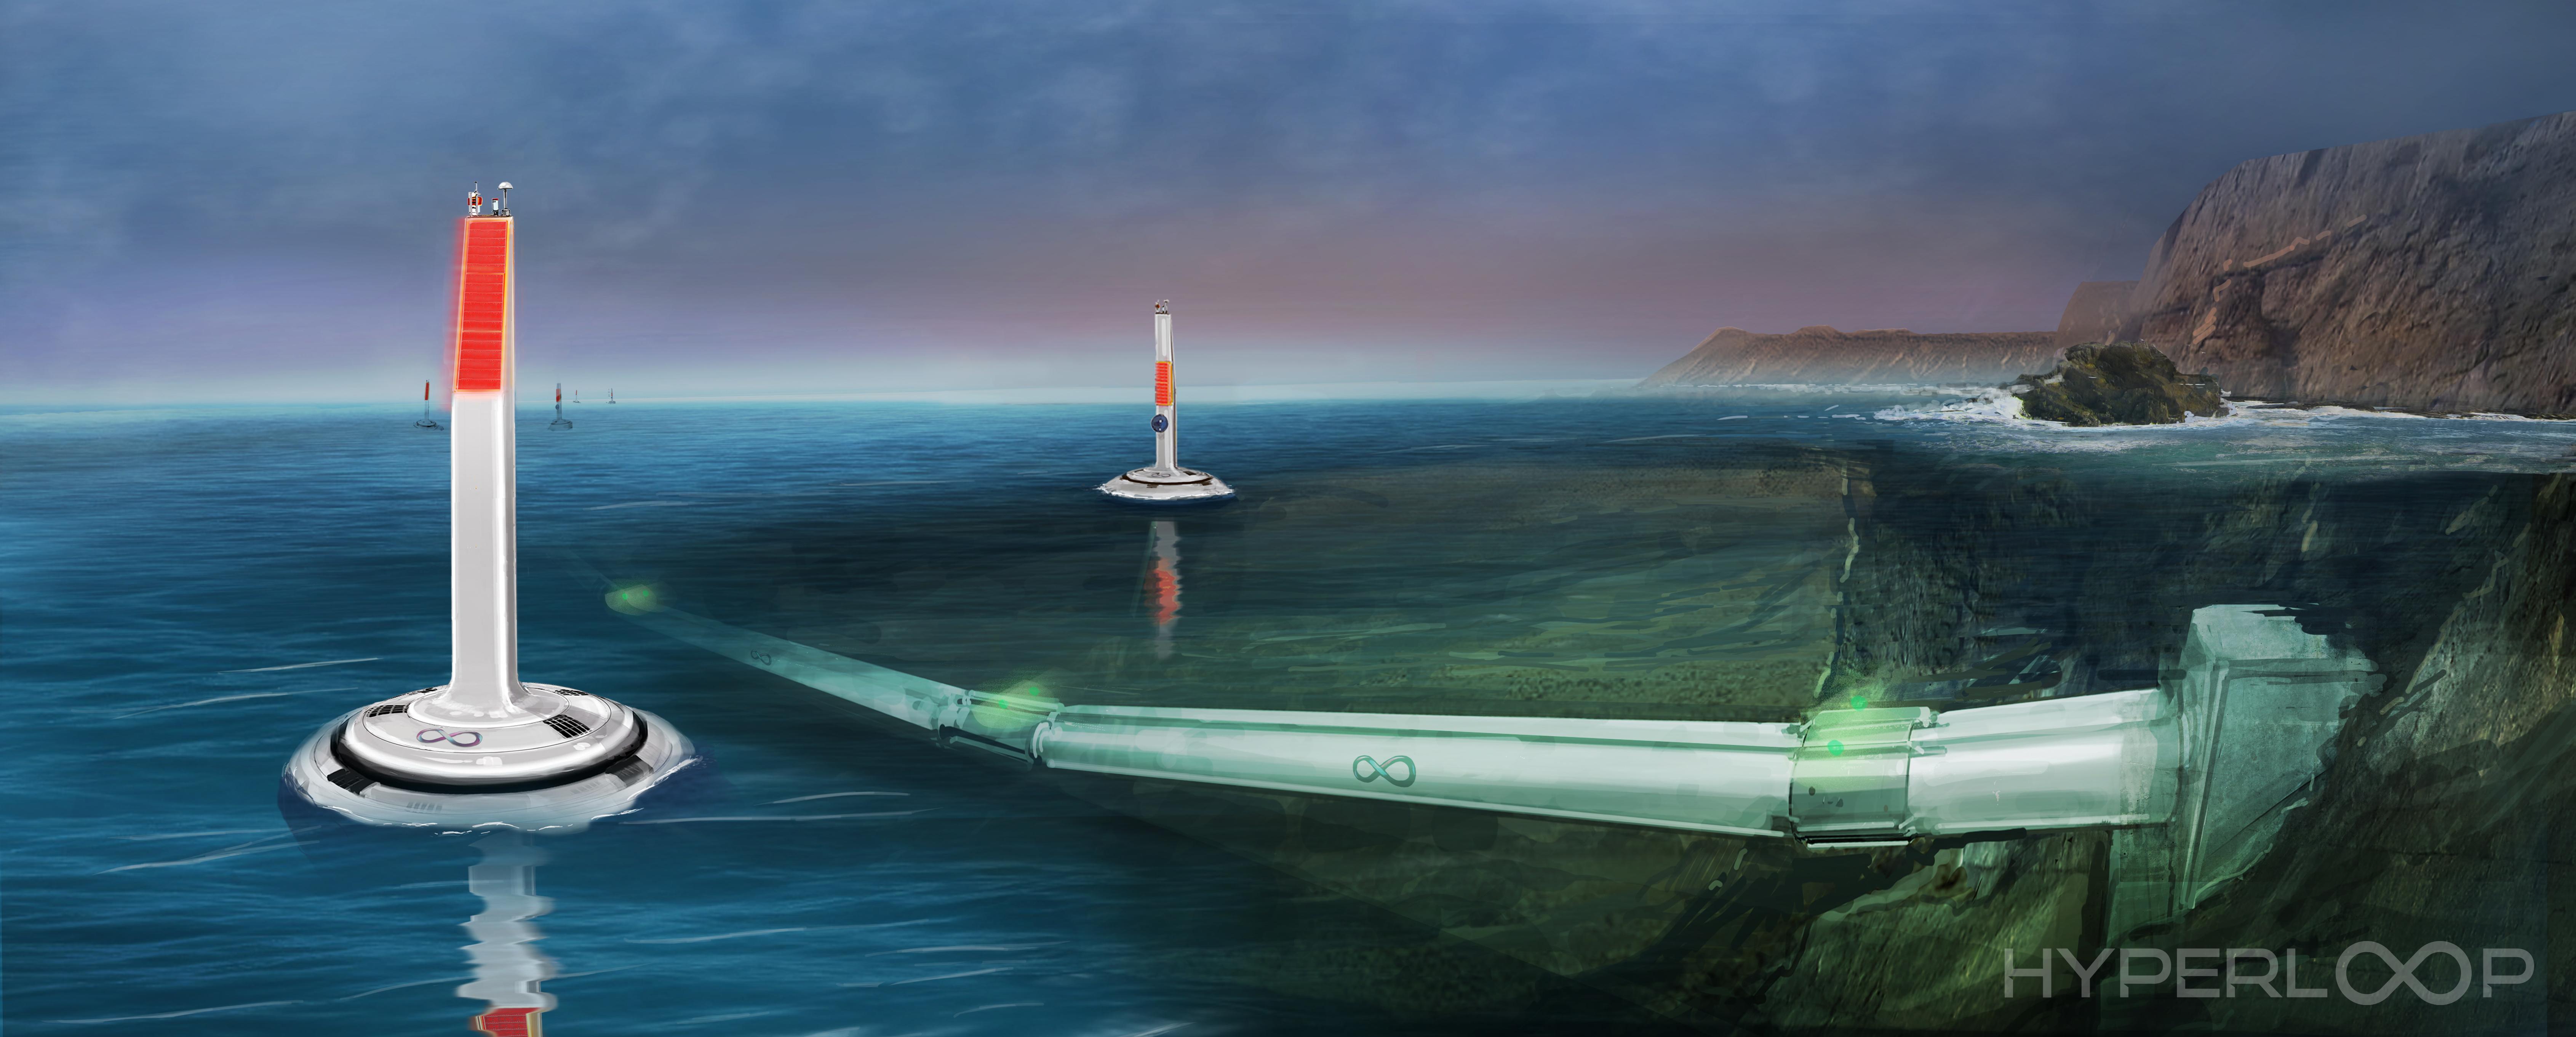 Hyperloop One\n